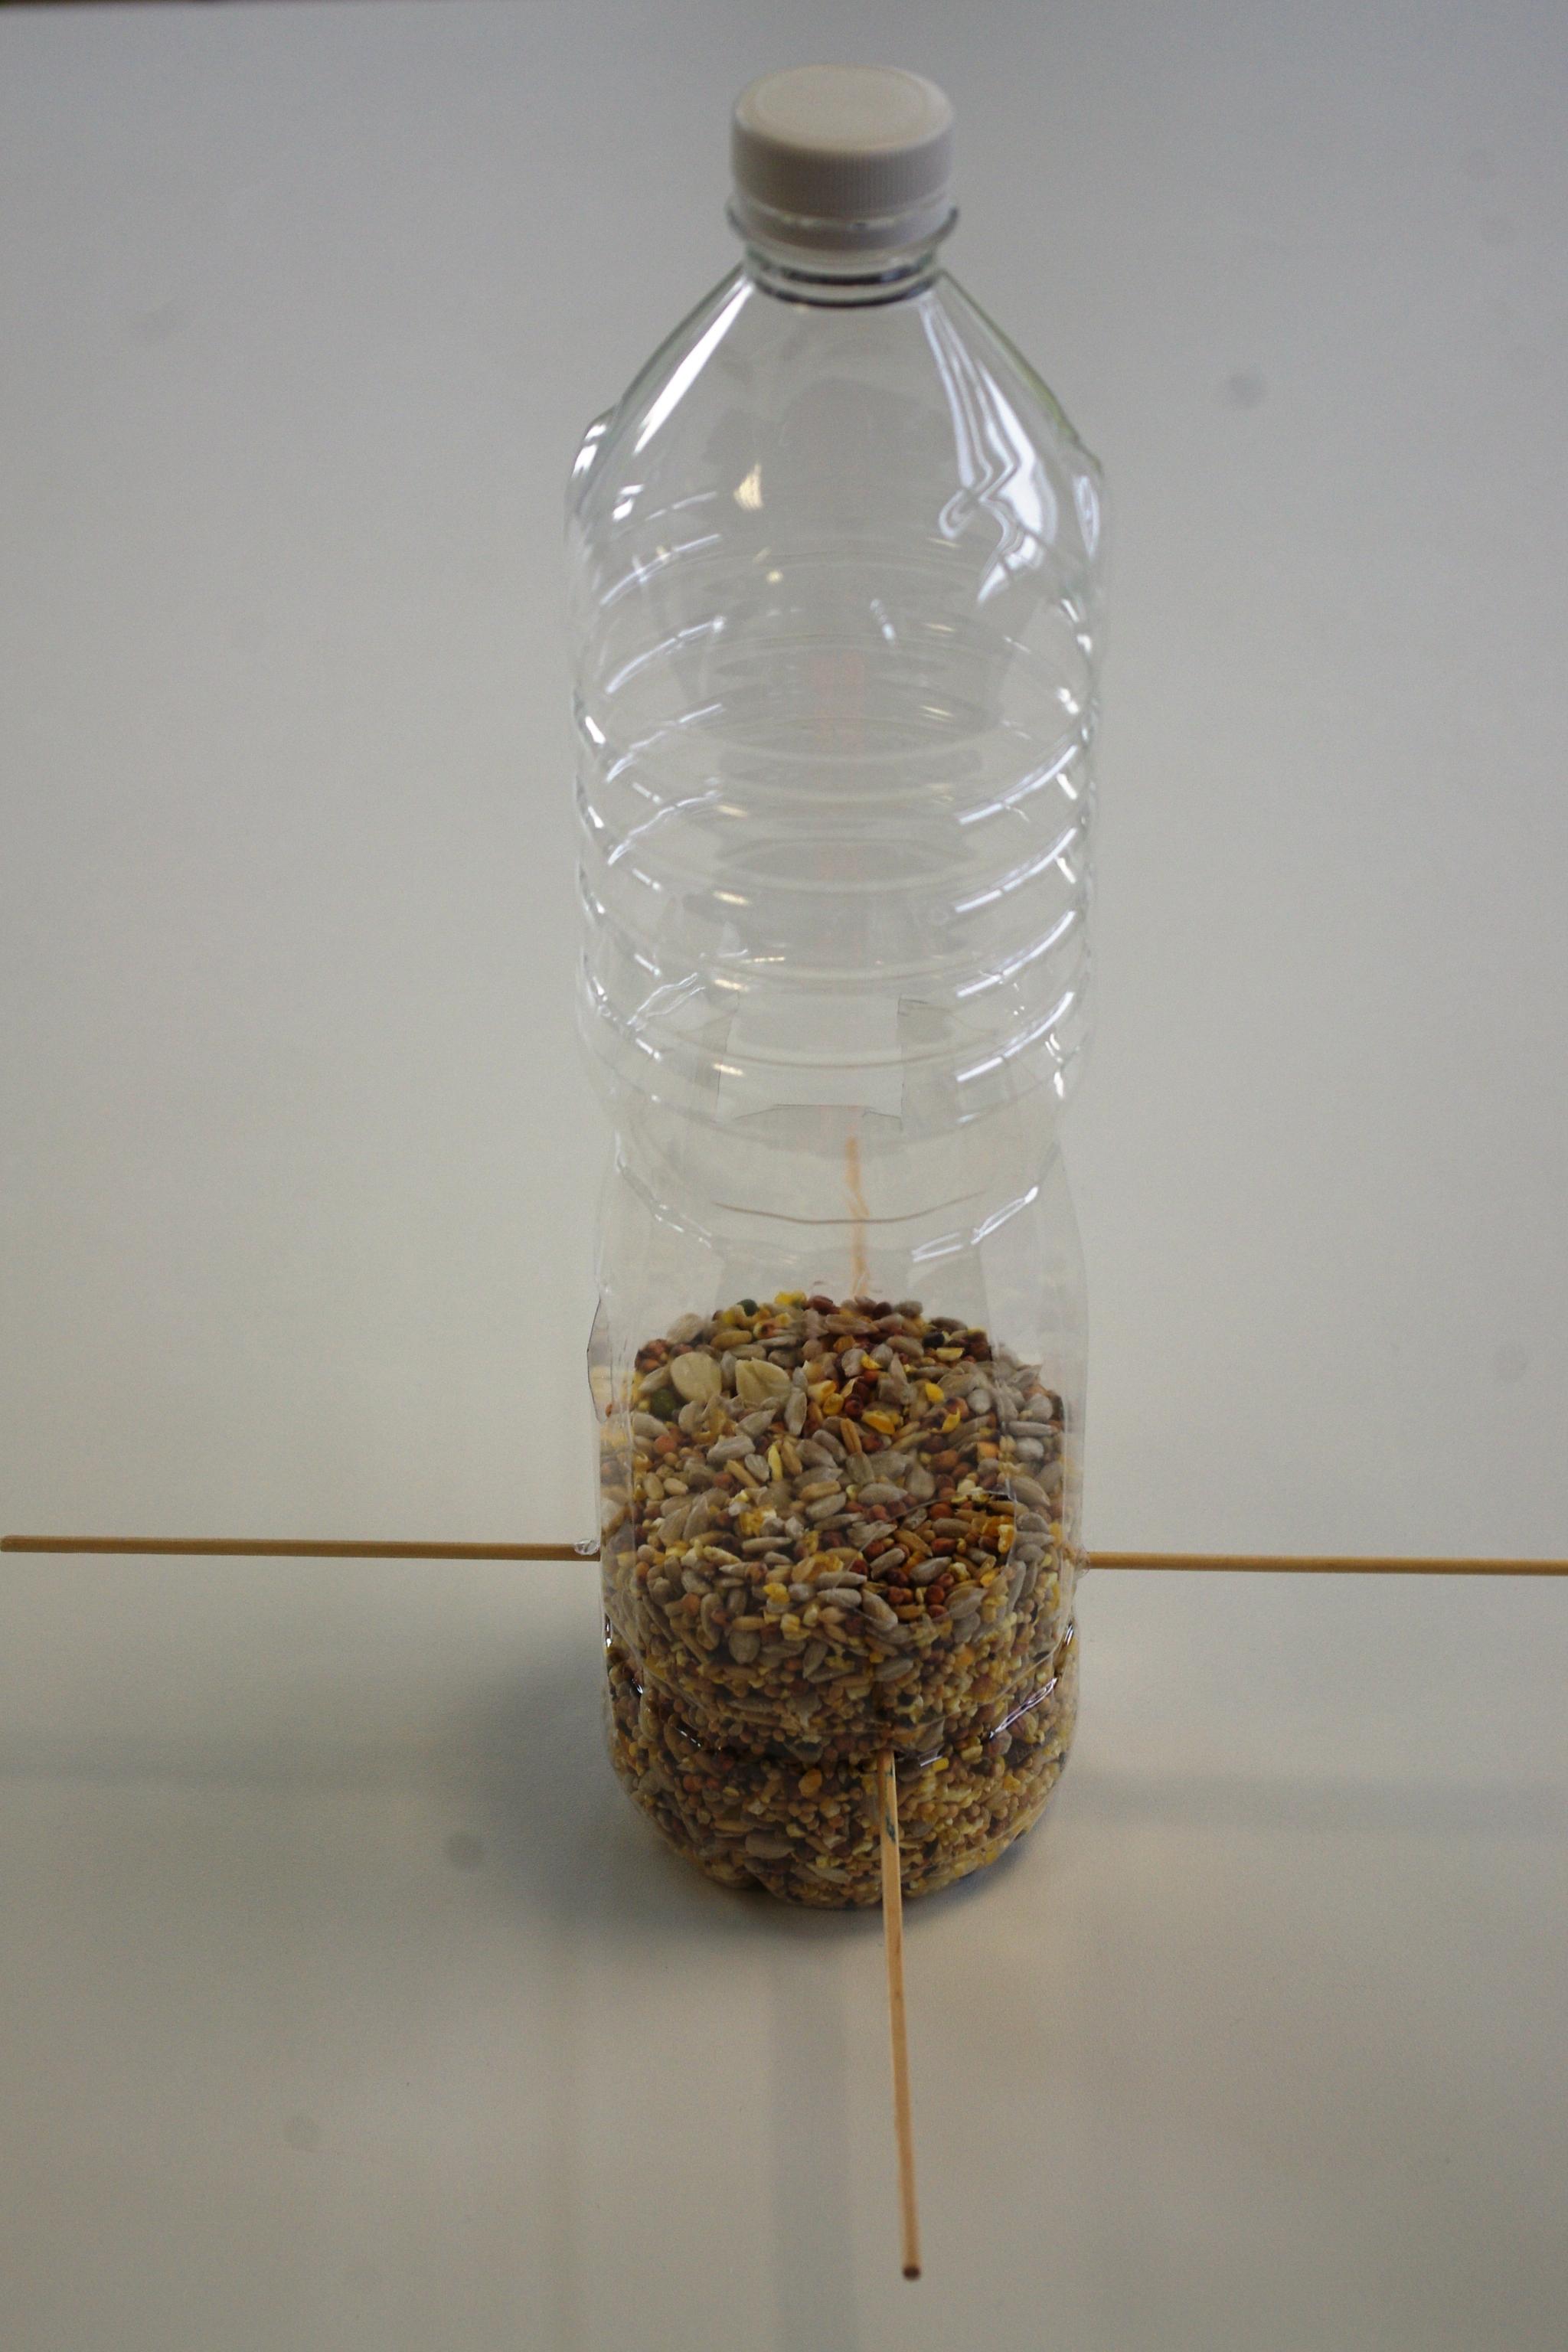 Comment fabriquer une mangeoire oiseau recyclable - Mangeoire a oiseau ...